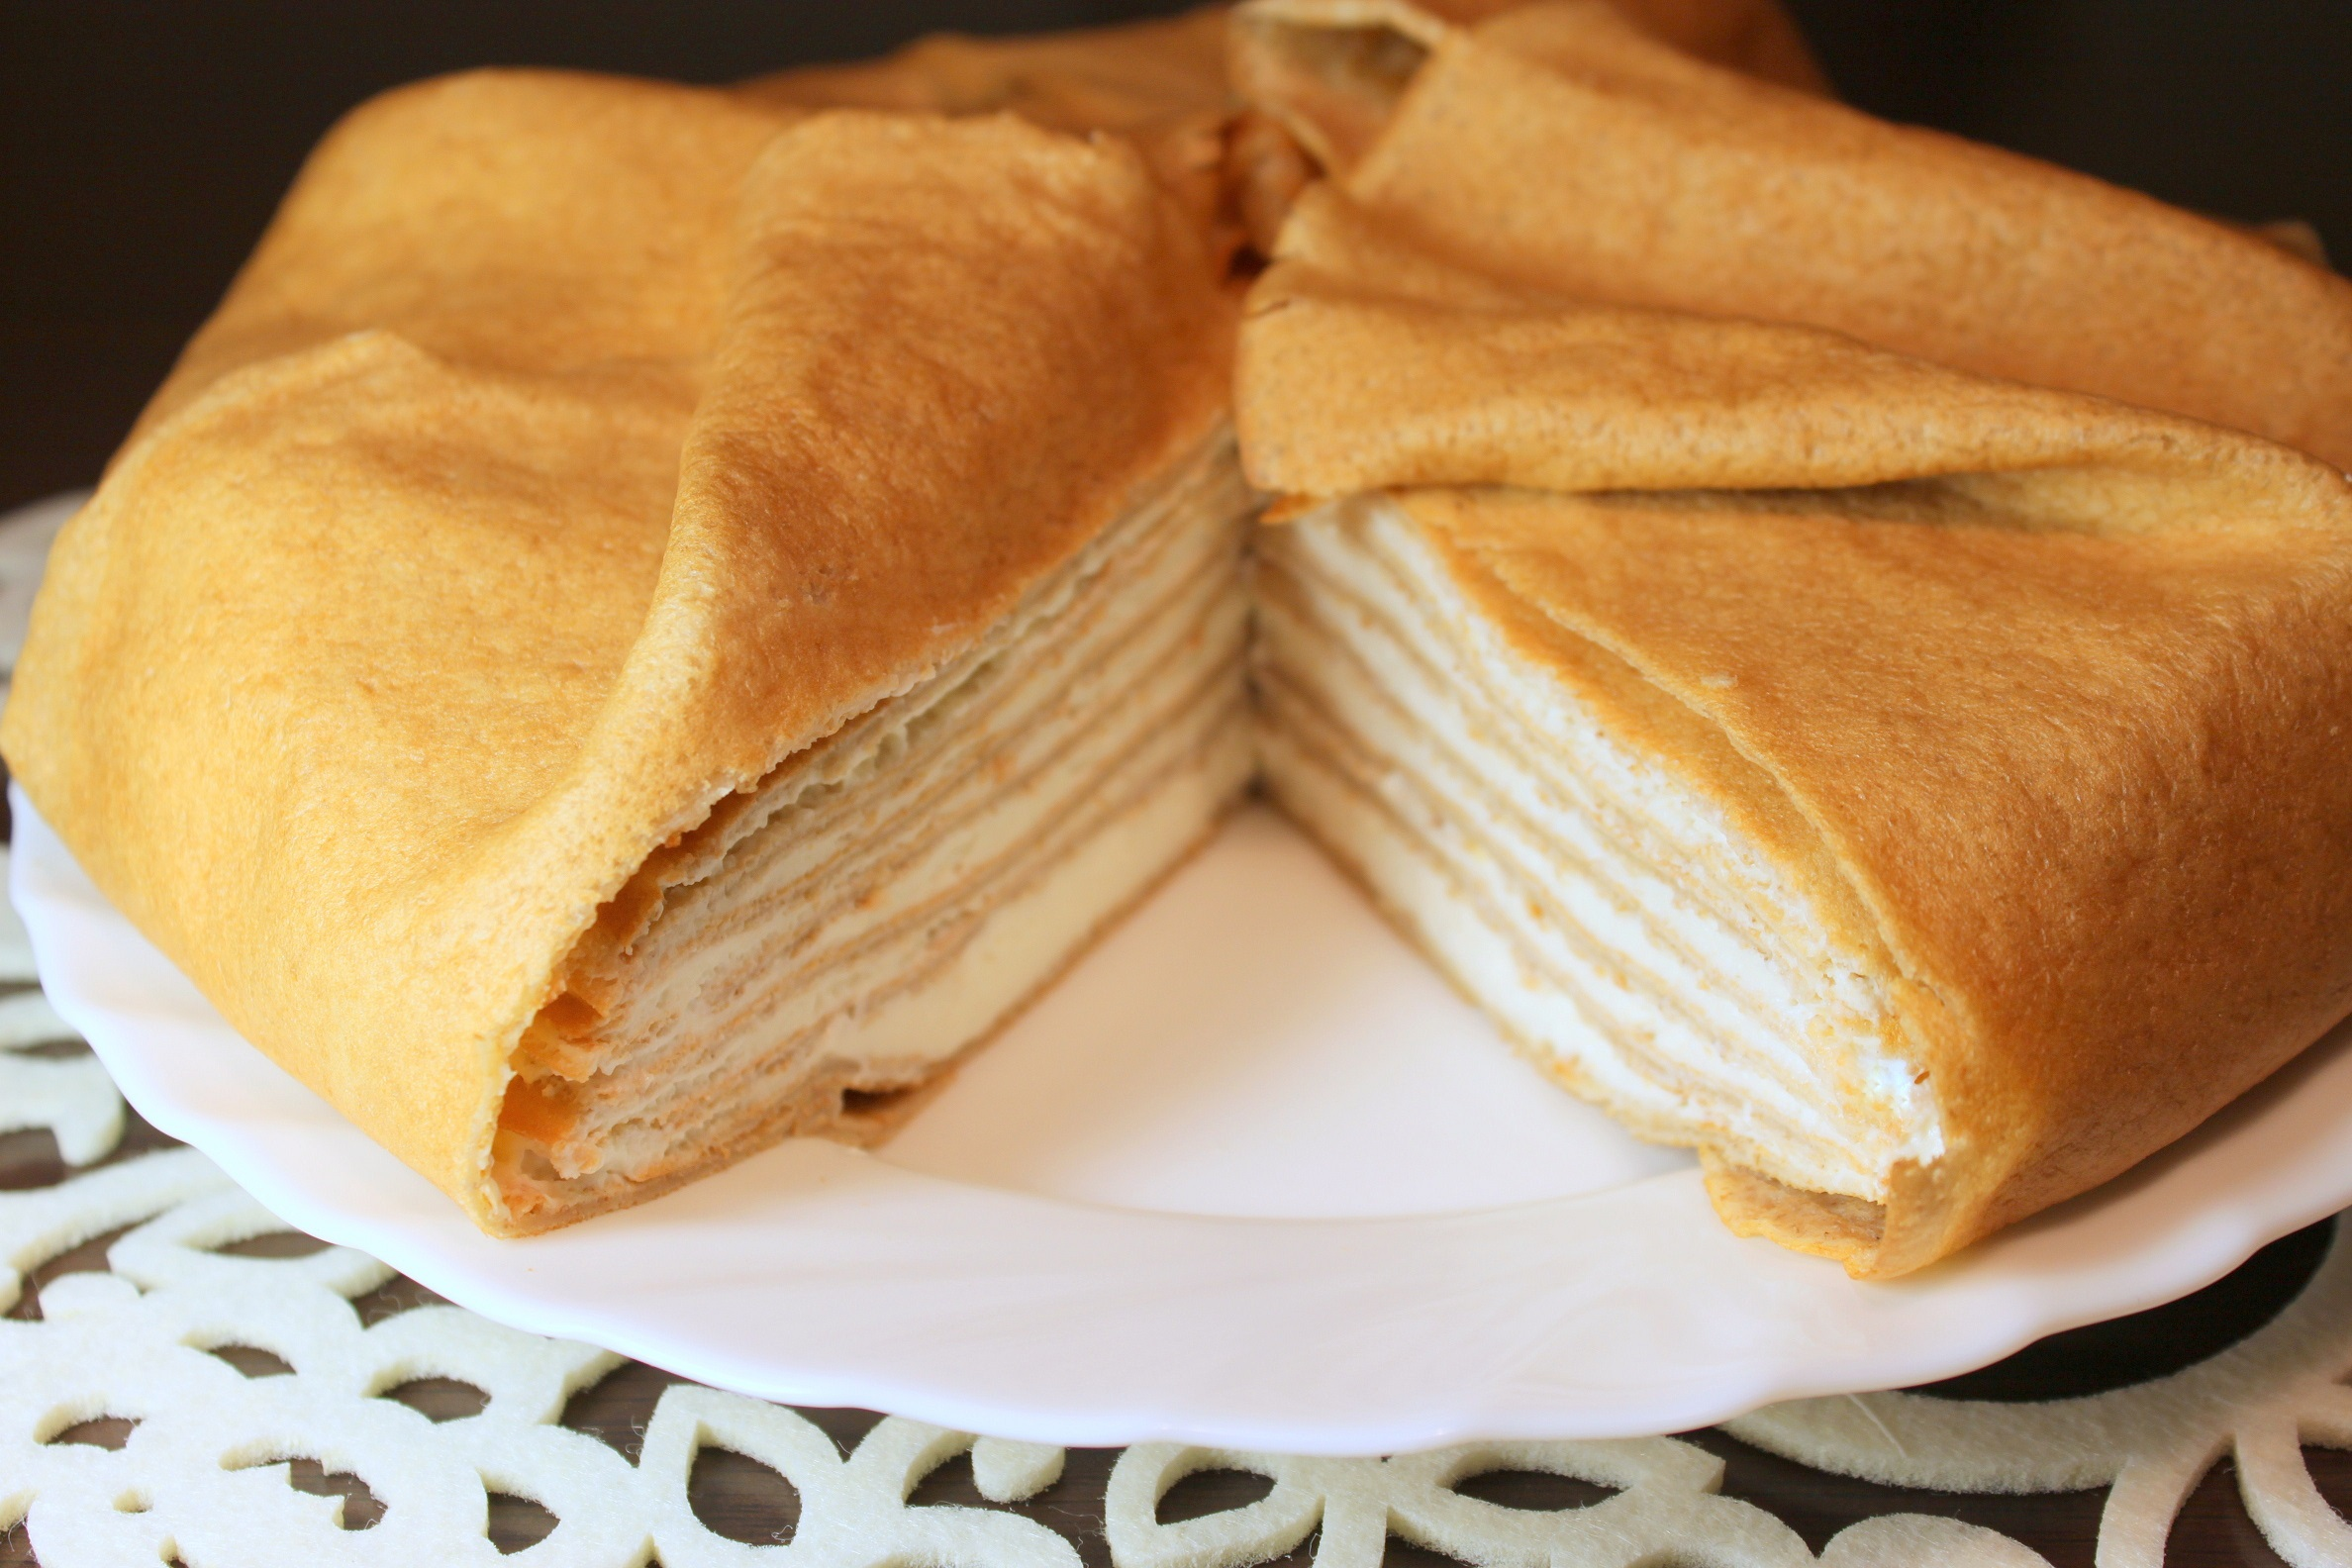 крем для тортов рецепты из сметаны